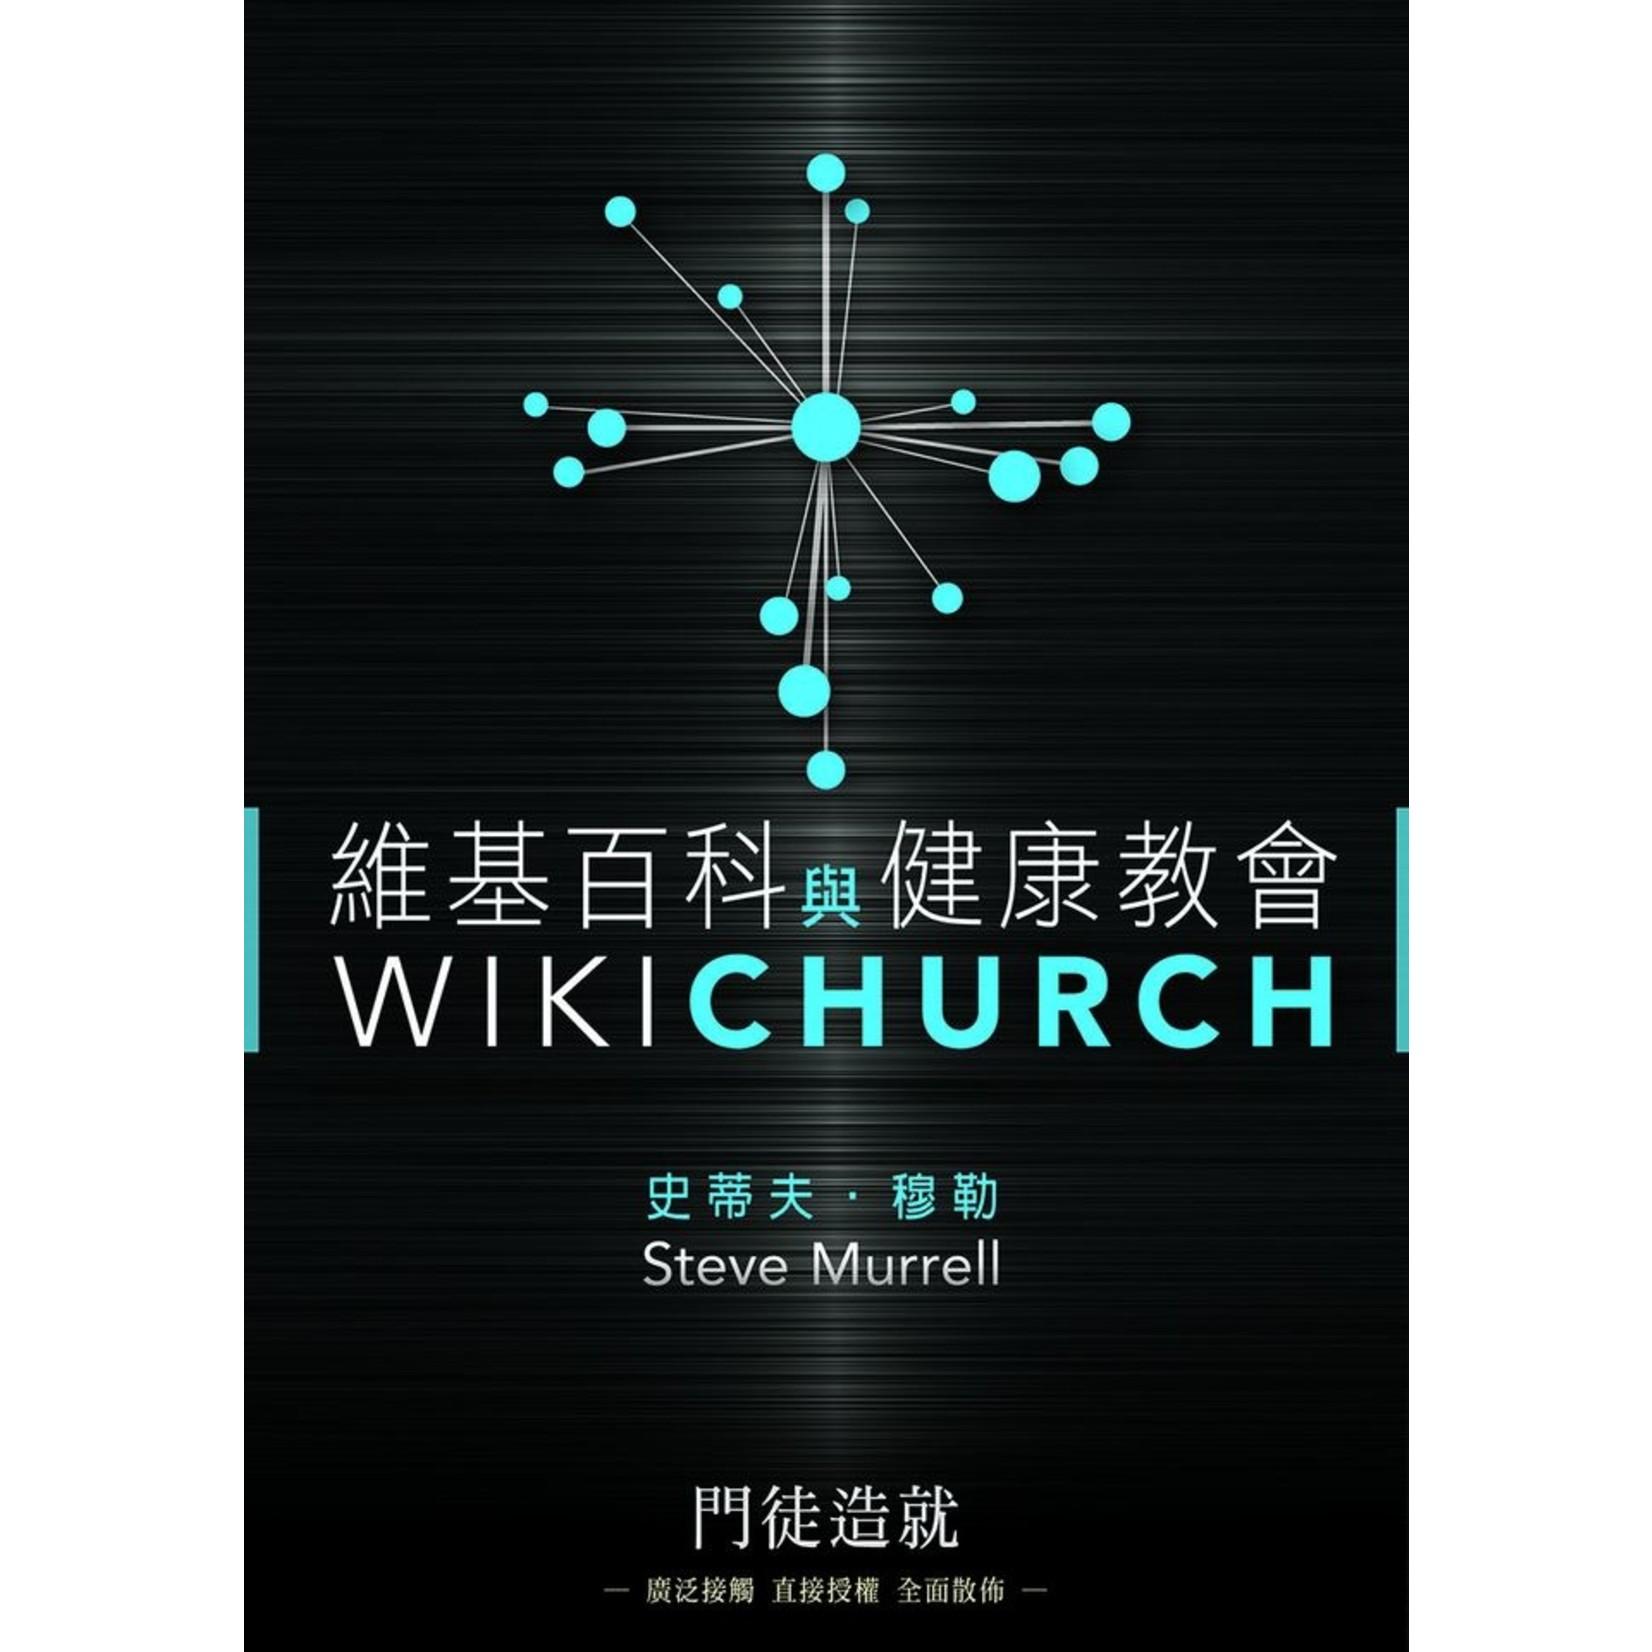 希望之聲 Voice of Hope 維基百科與健康教會 Wiki Church